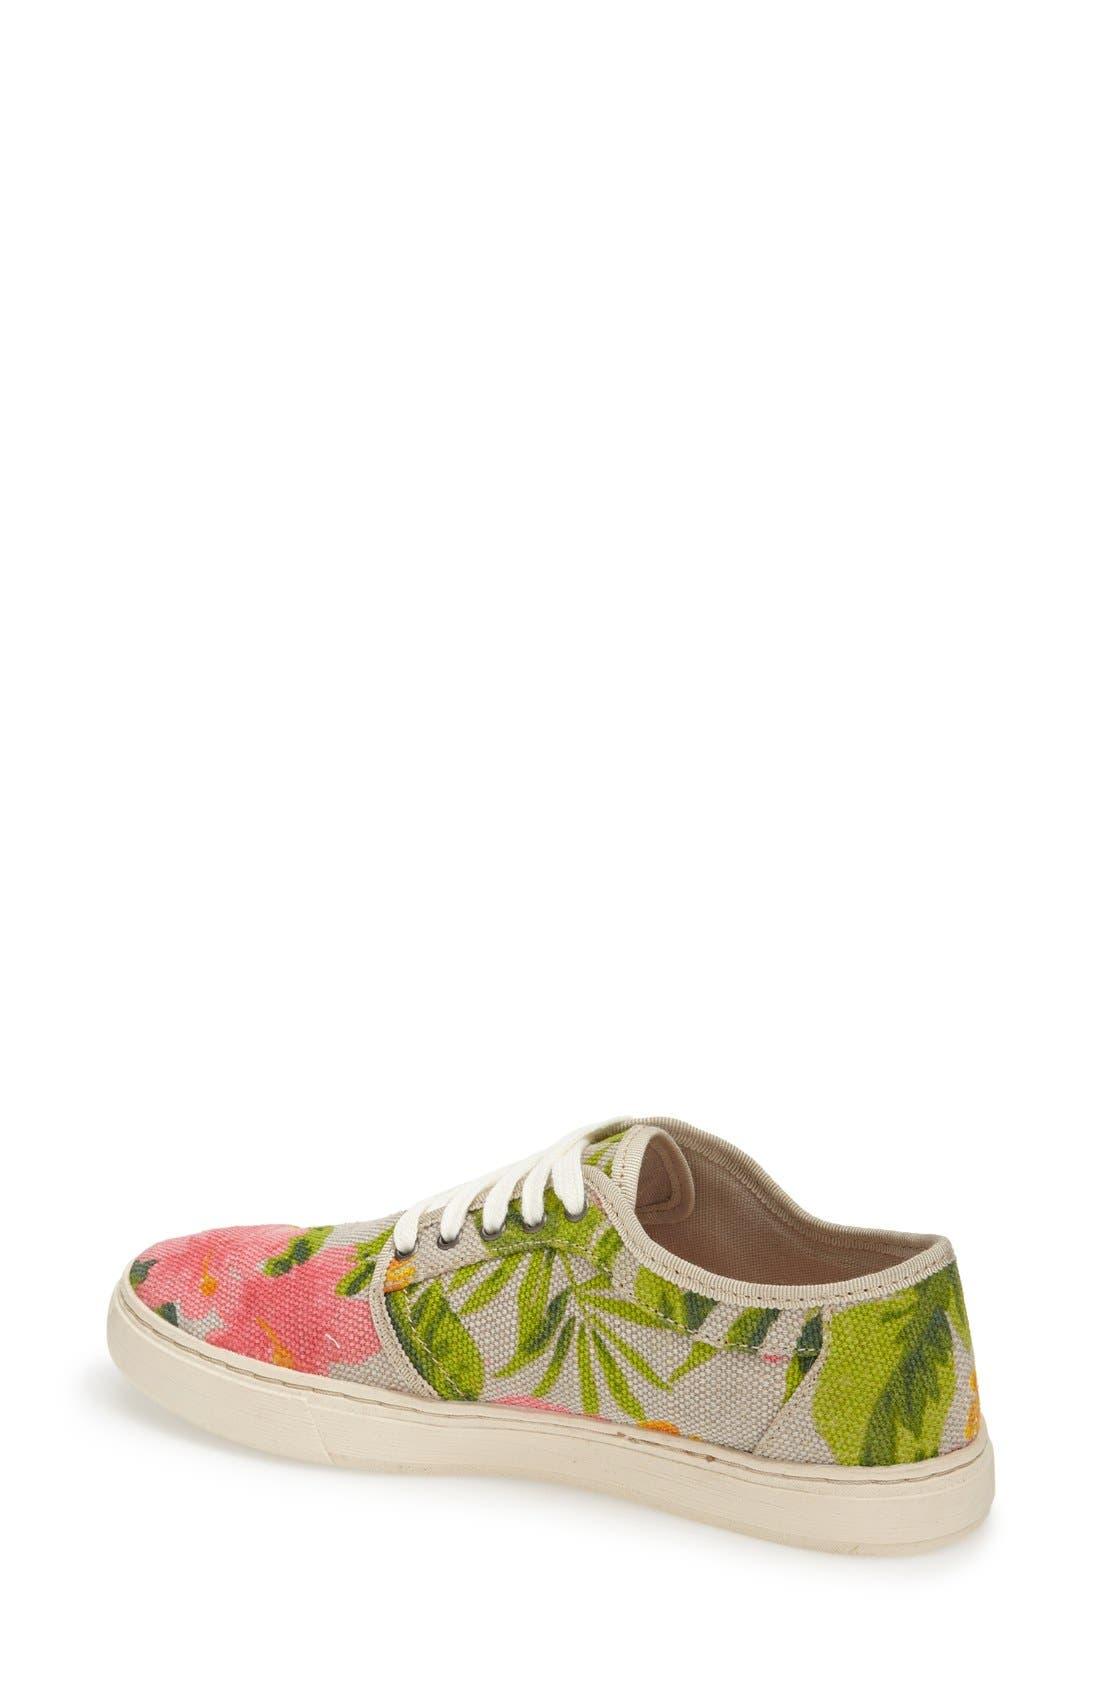 Alternate Image 2  - Sole Society 'Kalin' Sneaker (Women)